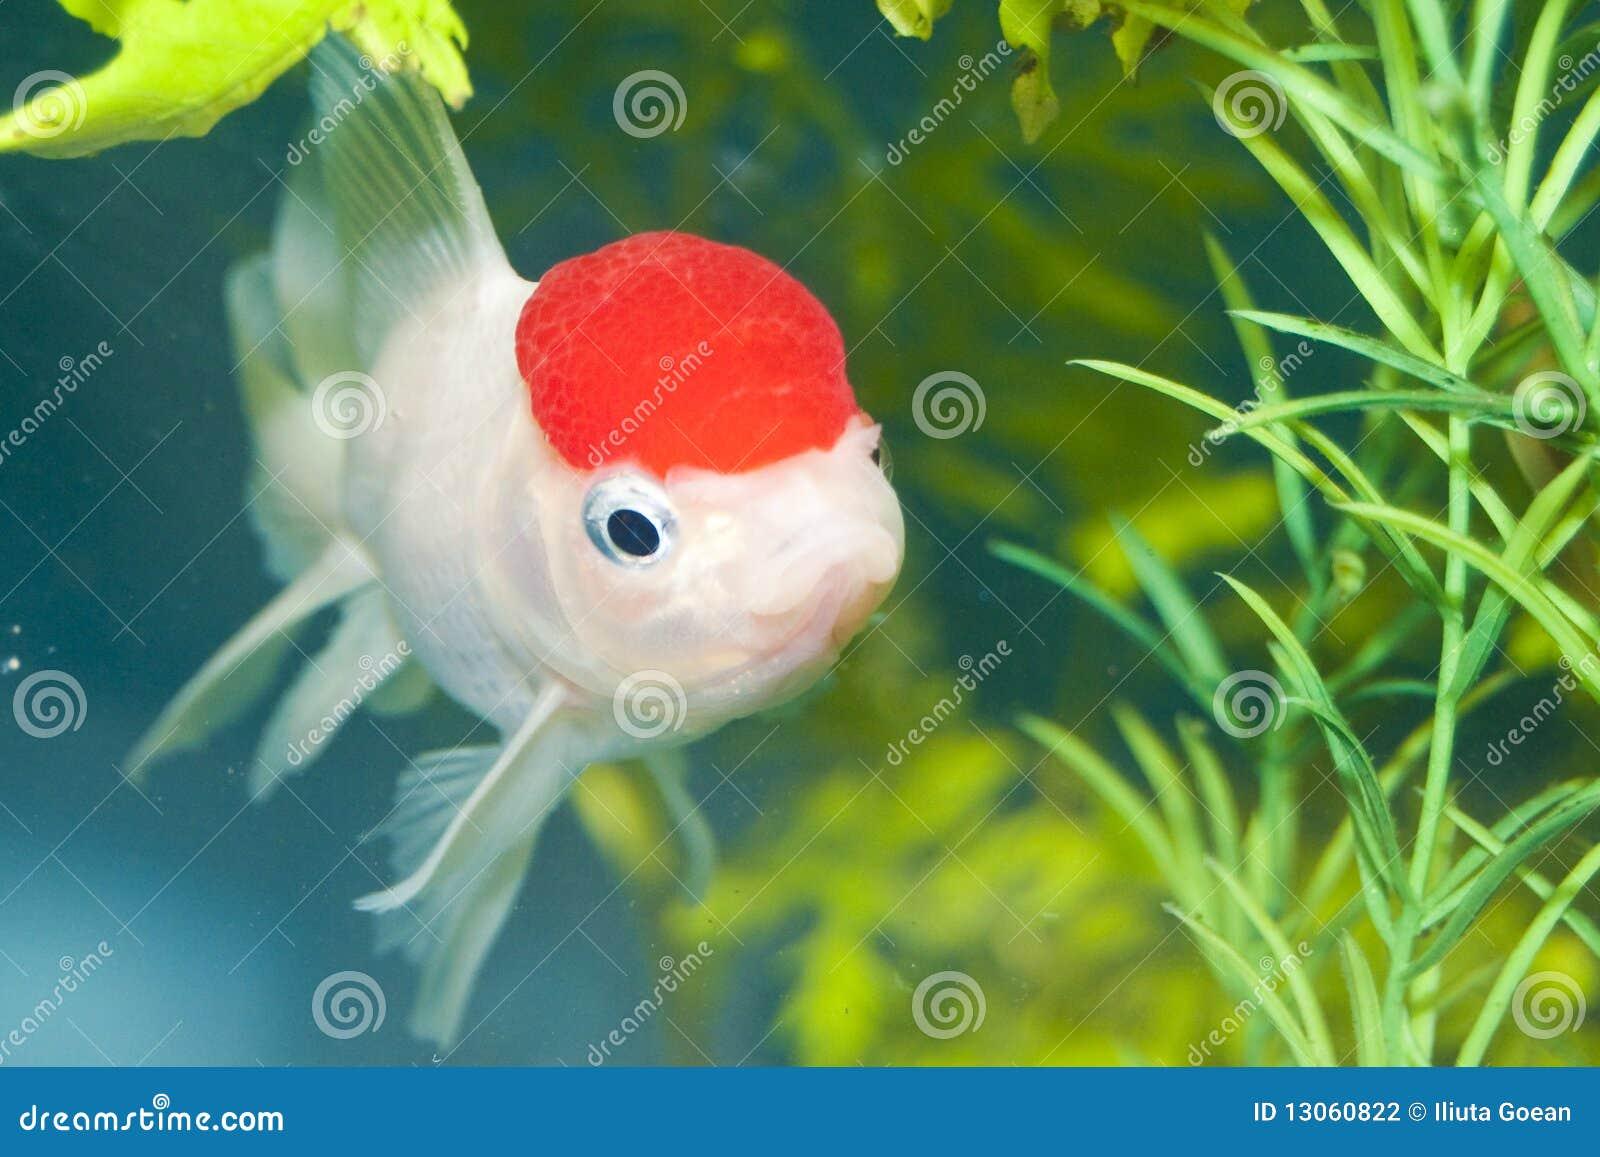 Lionhead wei er goldfisch im aquarium stockfotografie for Aquarium goldfische